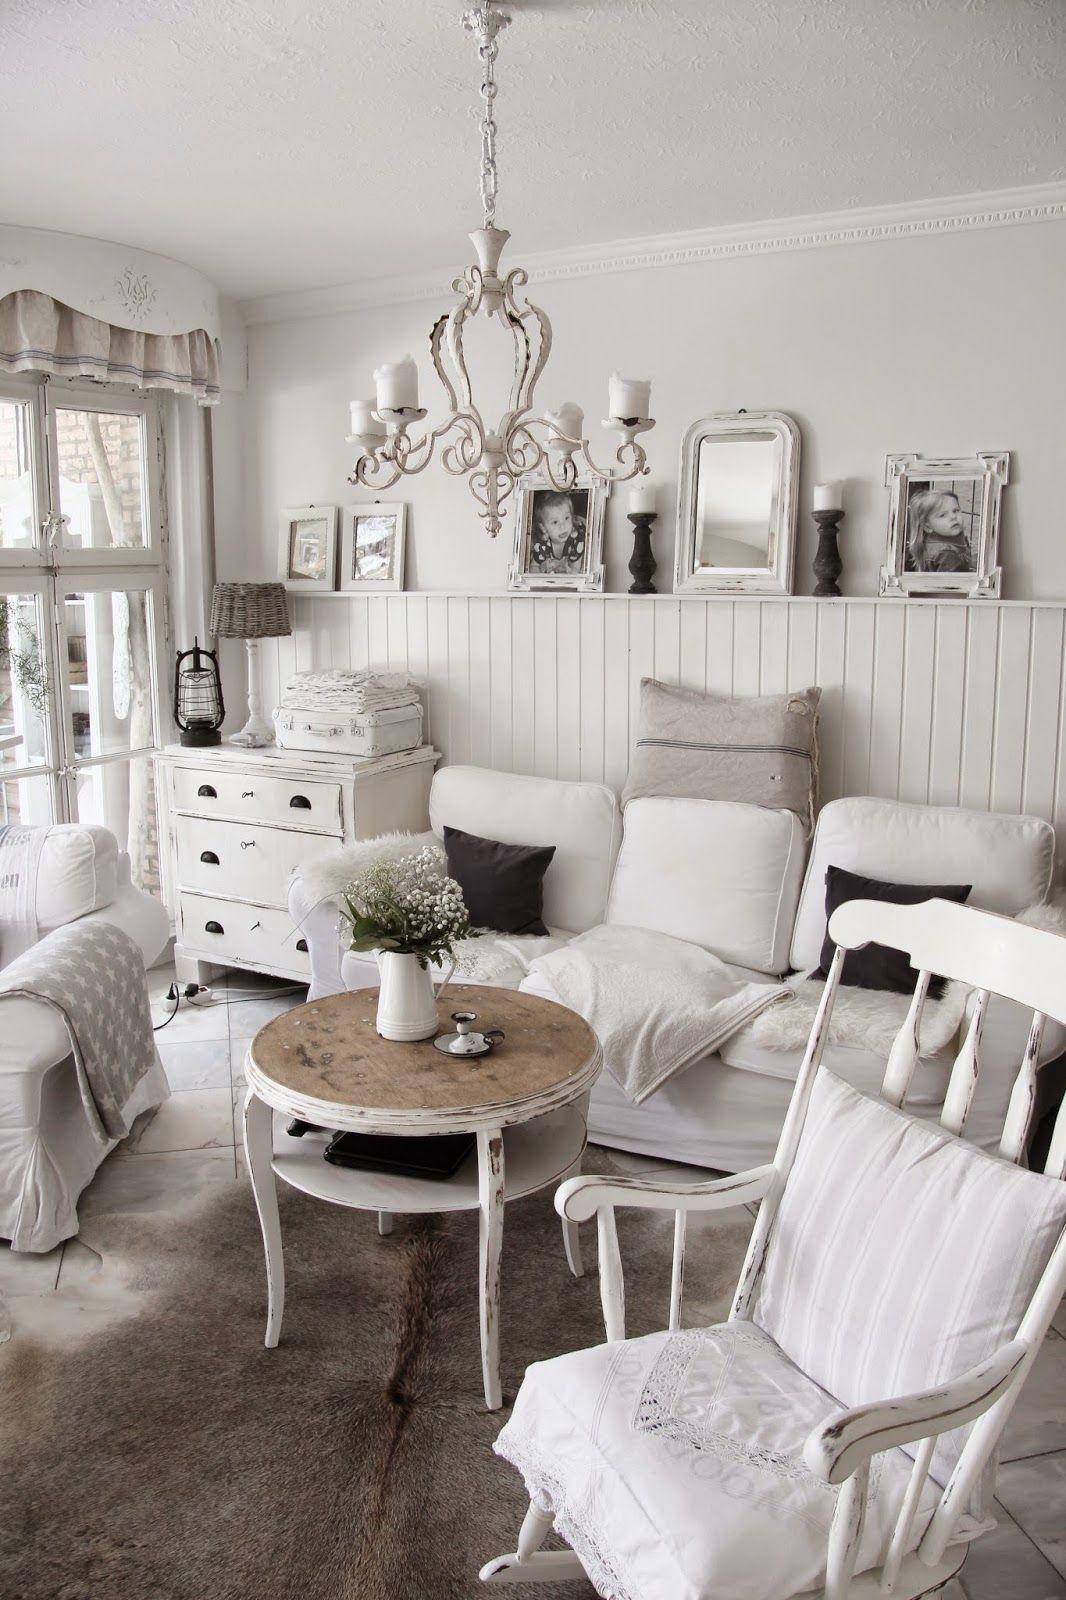 Pin von Simsalabim auf Deko Tipps | Pinterest | Wohnzimmer ...